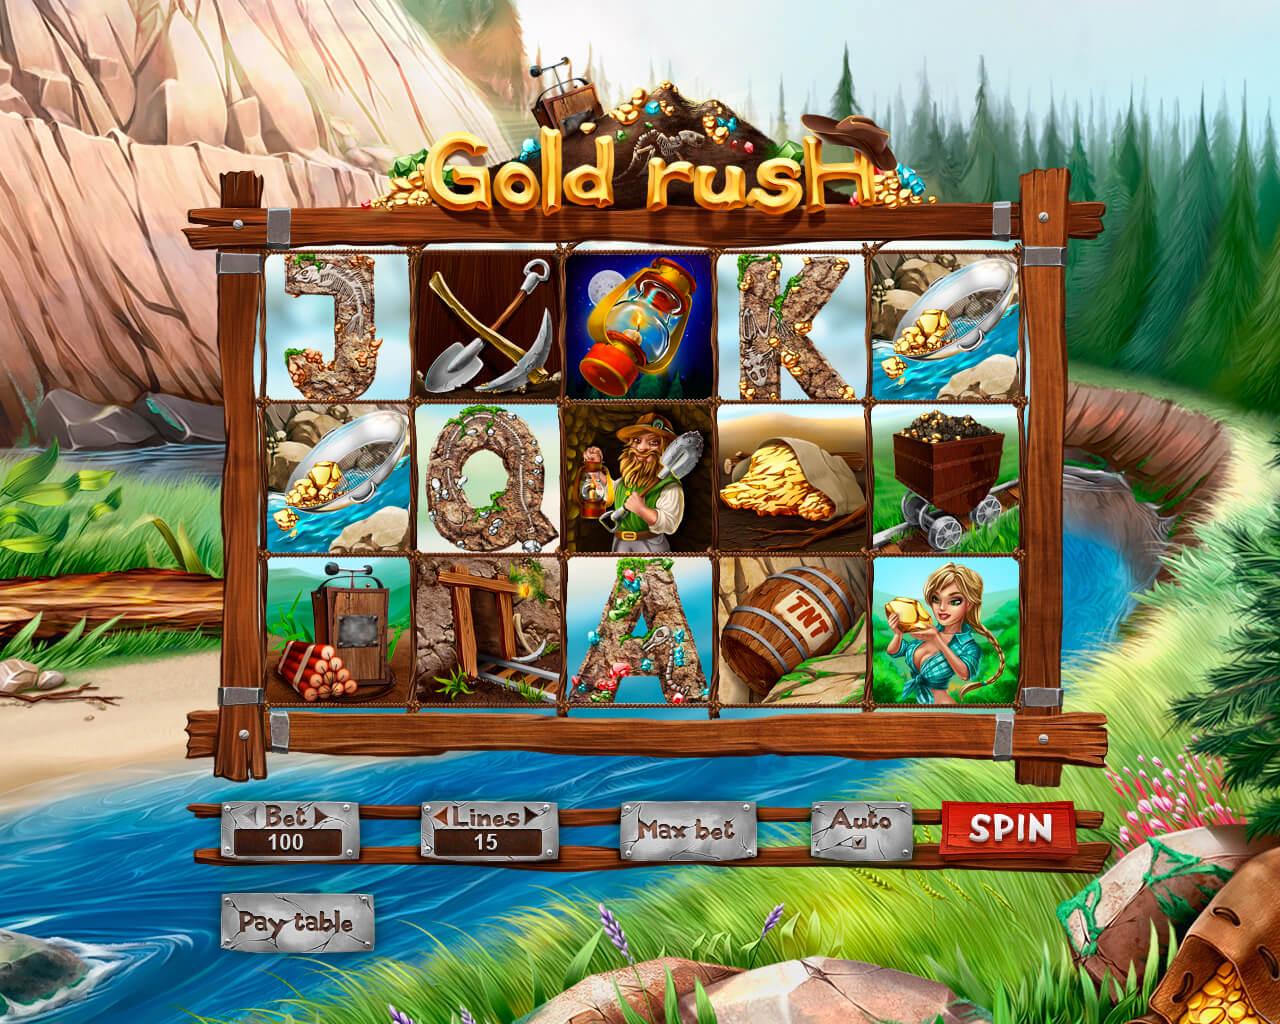 Slot machine about Goldrush